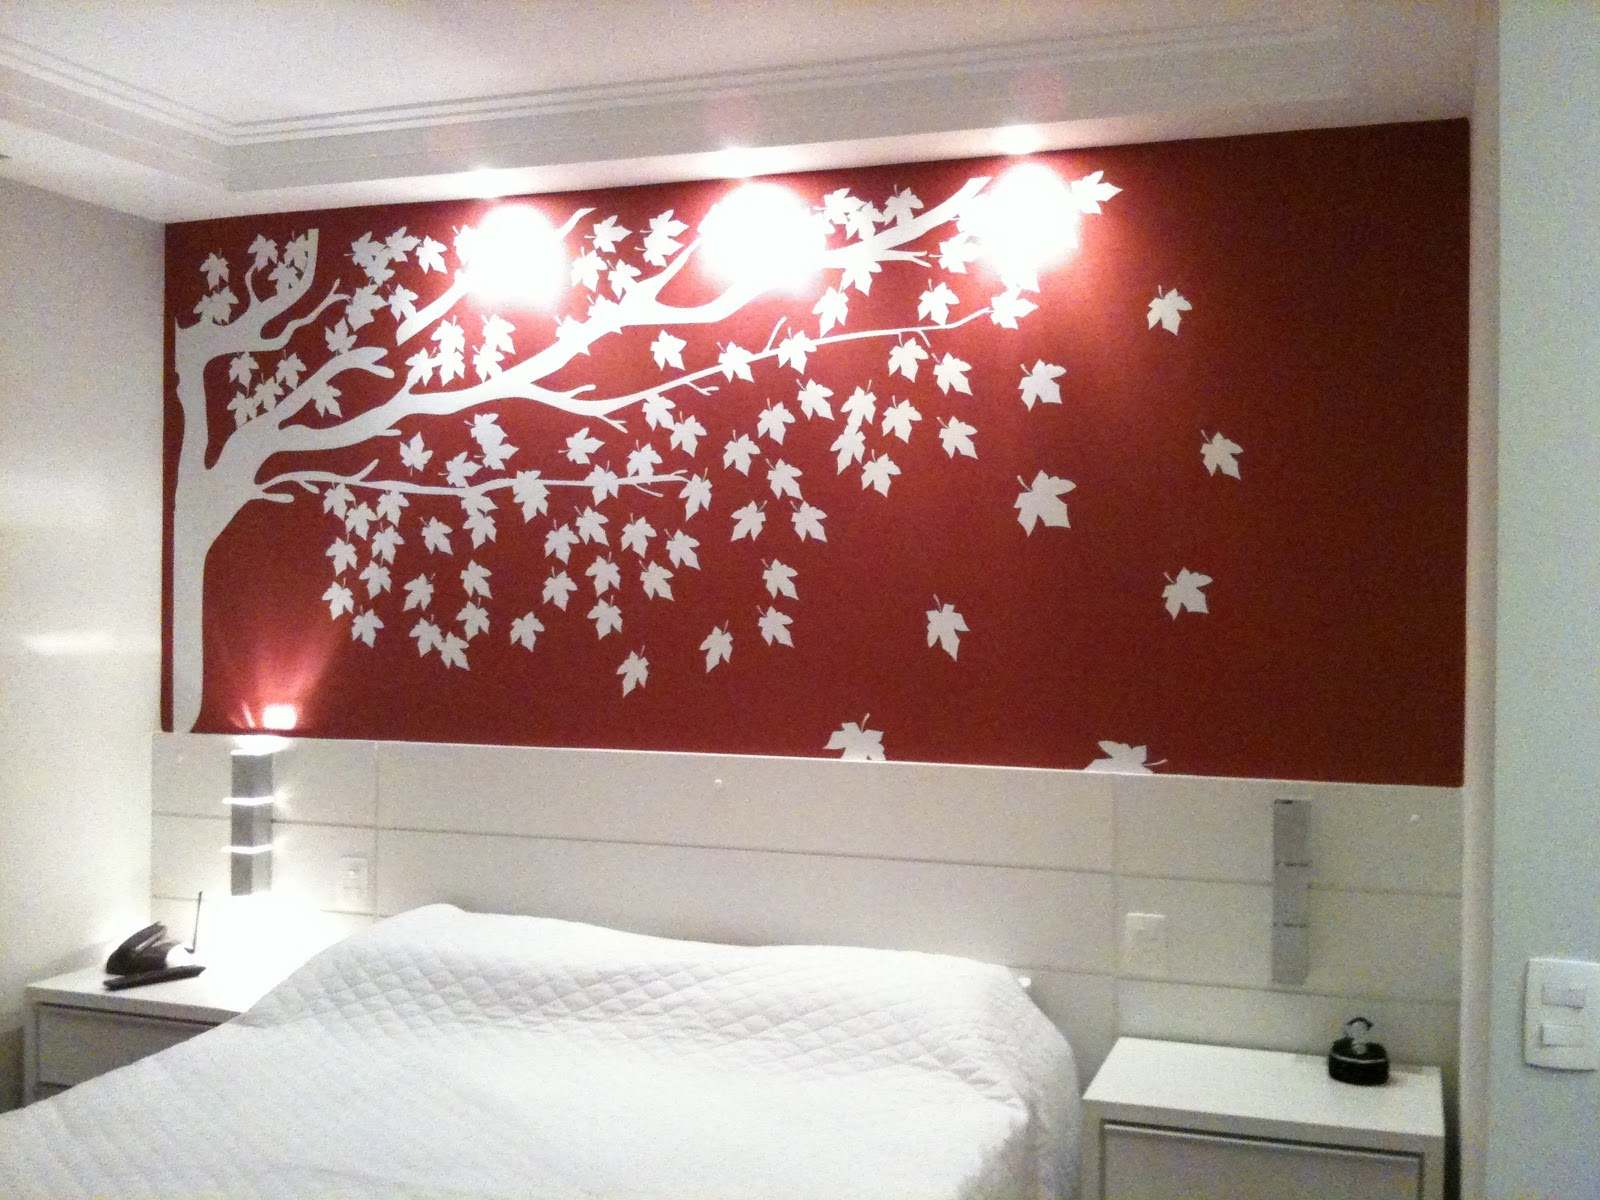 adesivo para parede do quarto